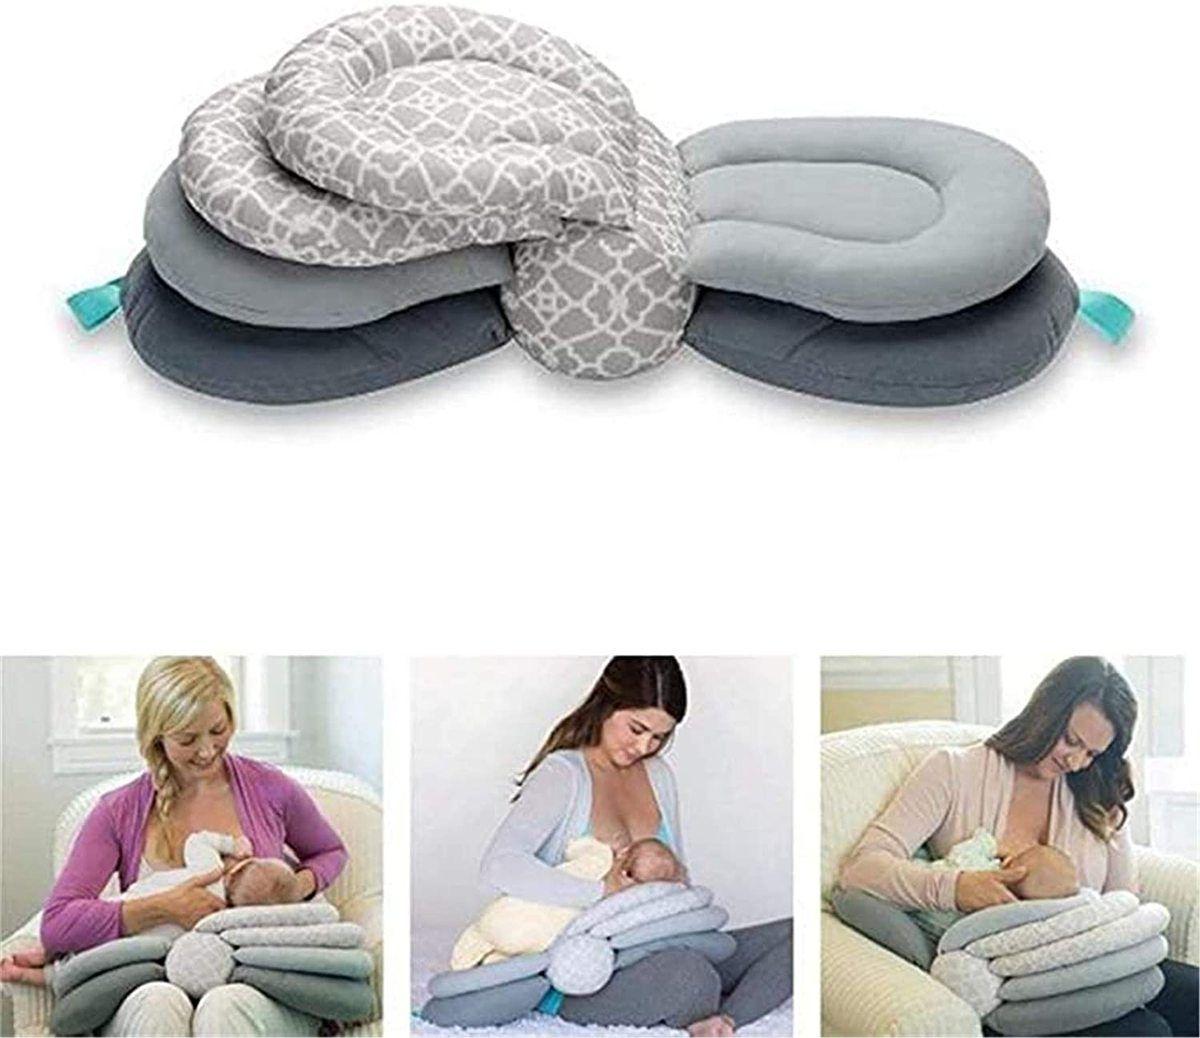 lansinoh nursing pillow